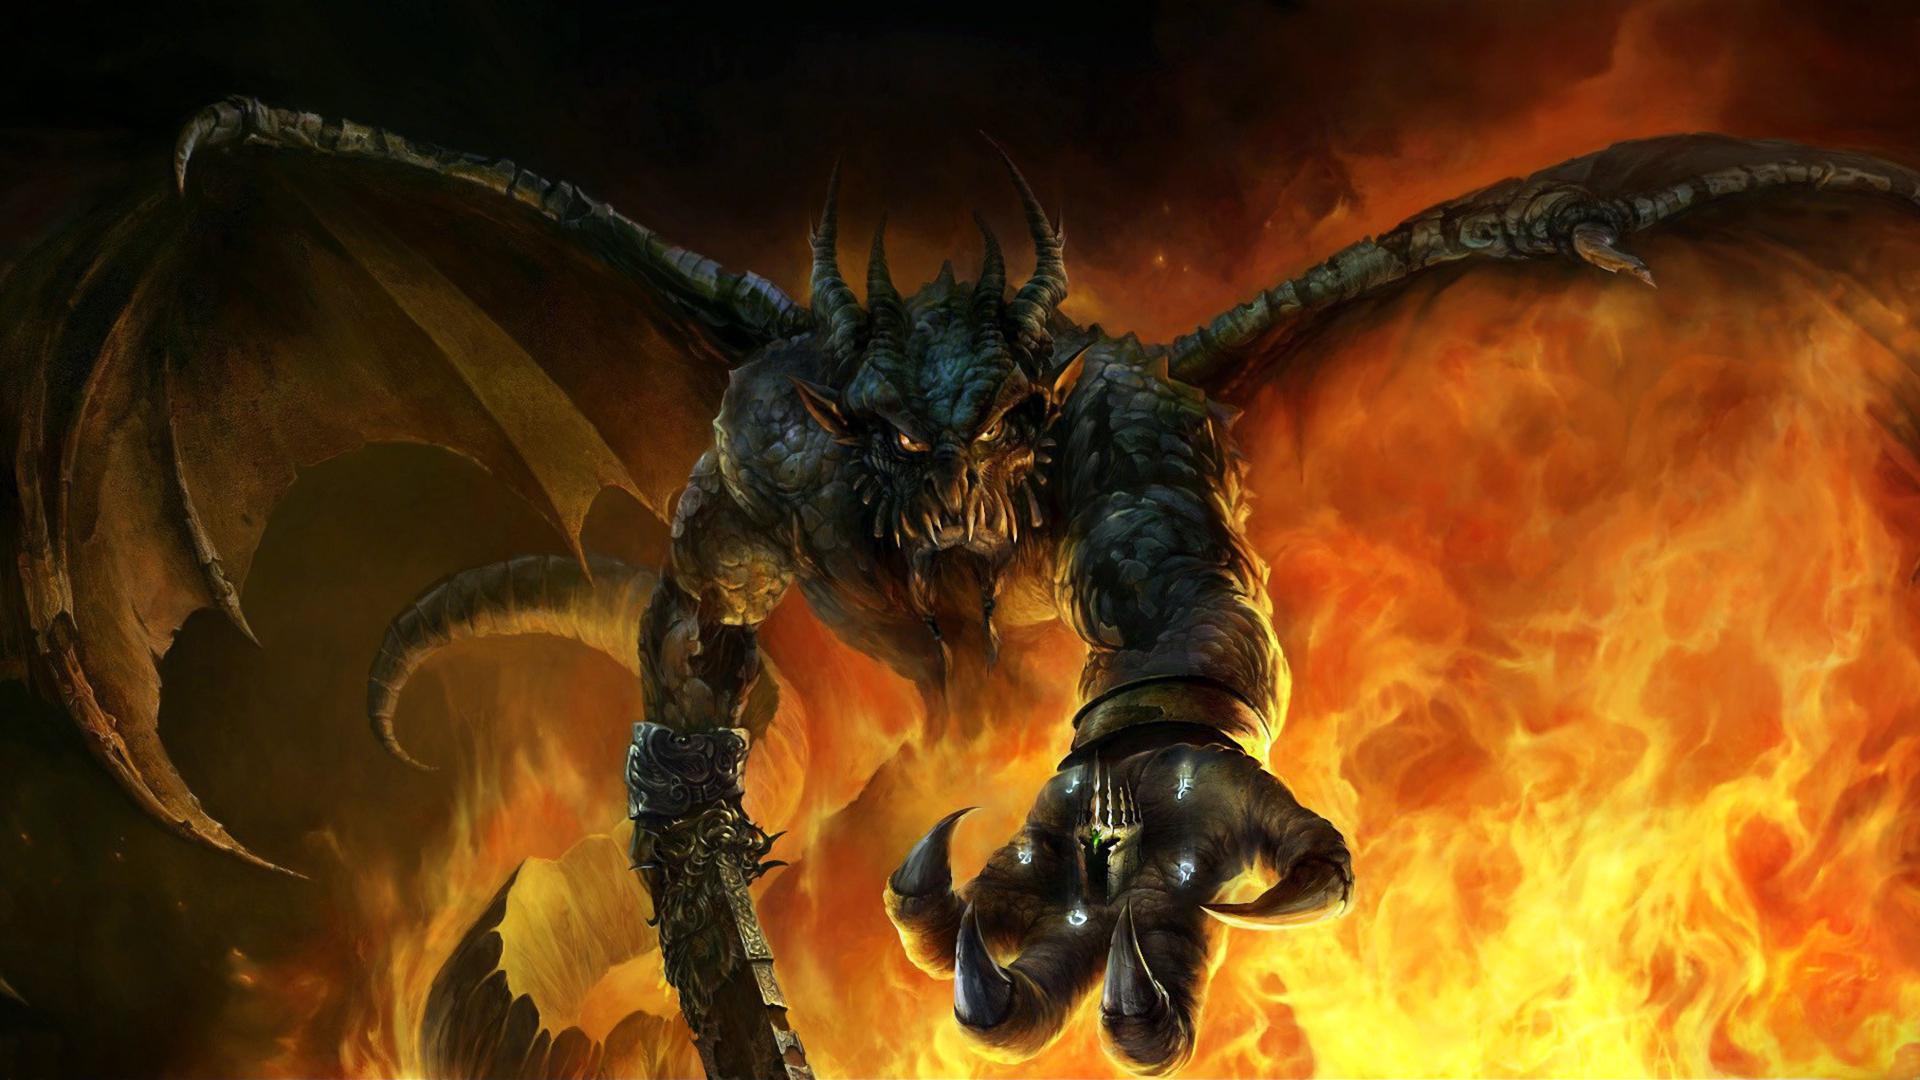 Demon wallpapers pictures images - Demon wallpaper 4k ...